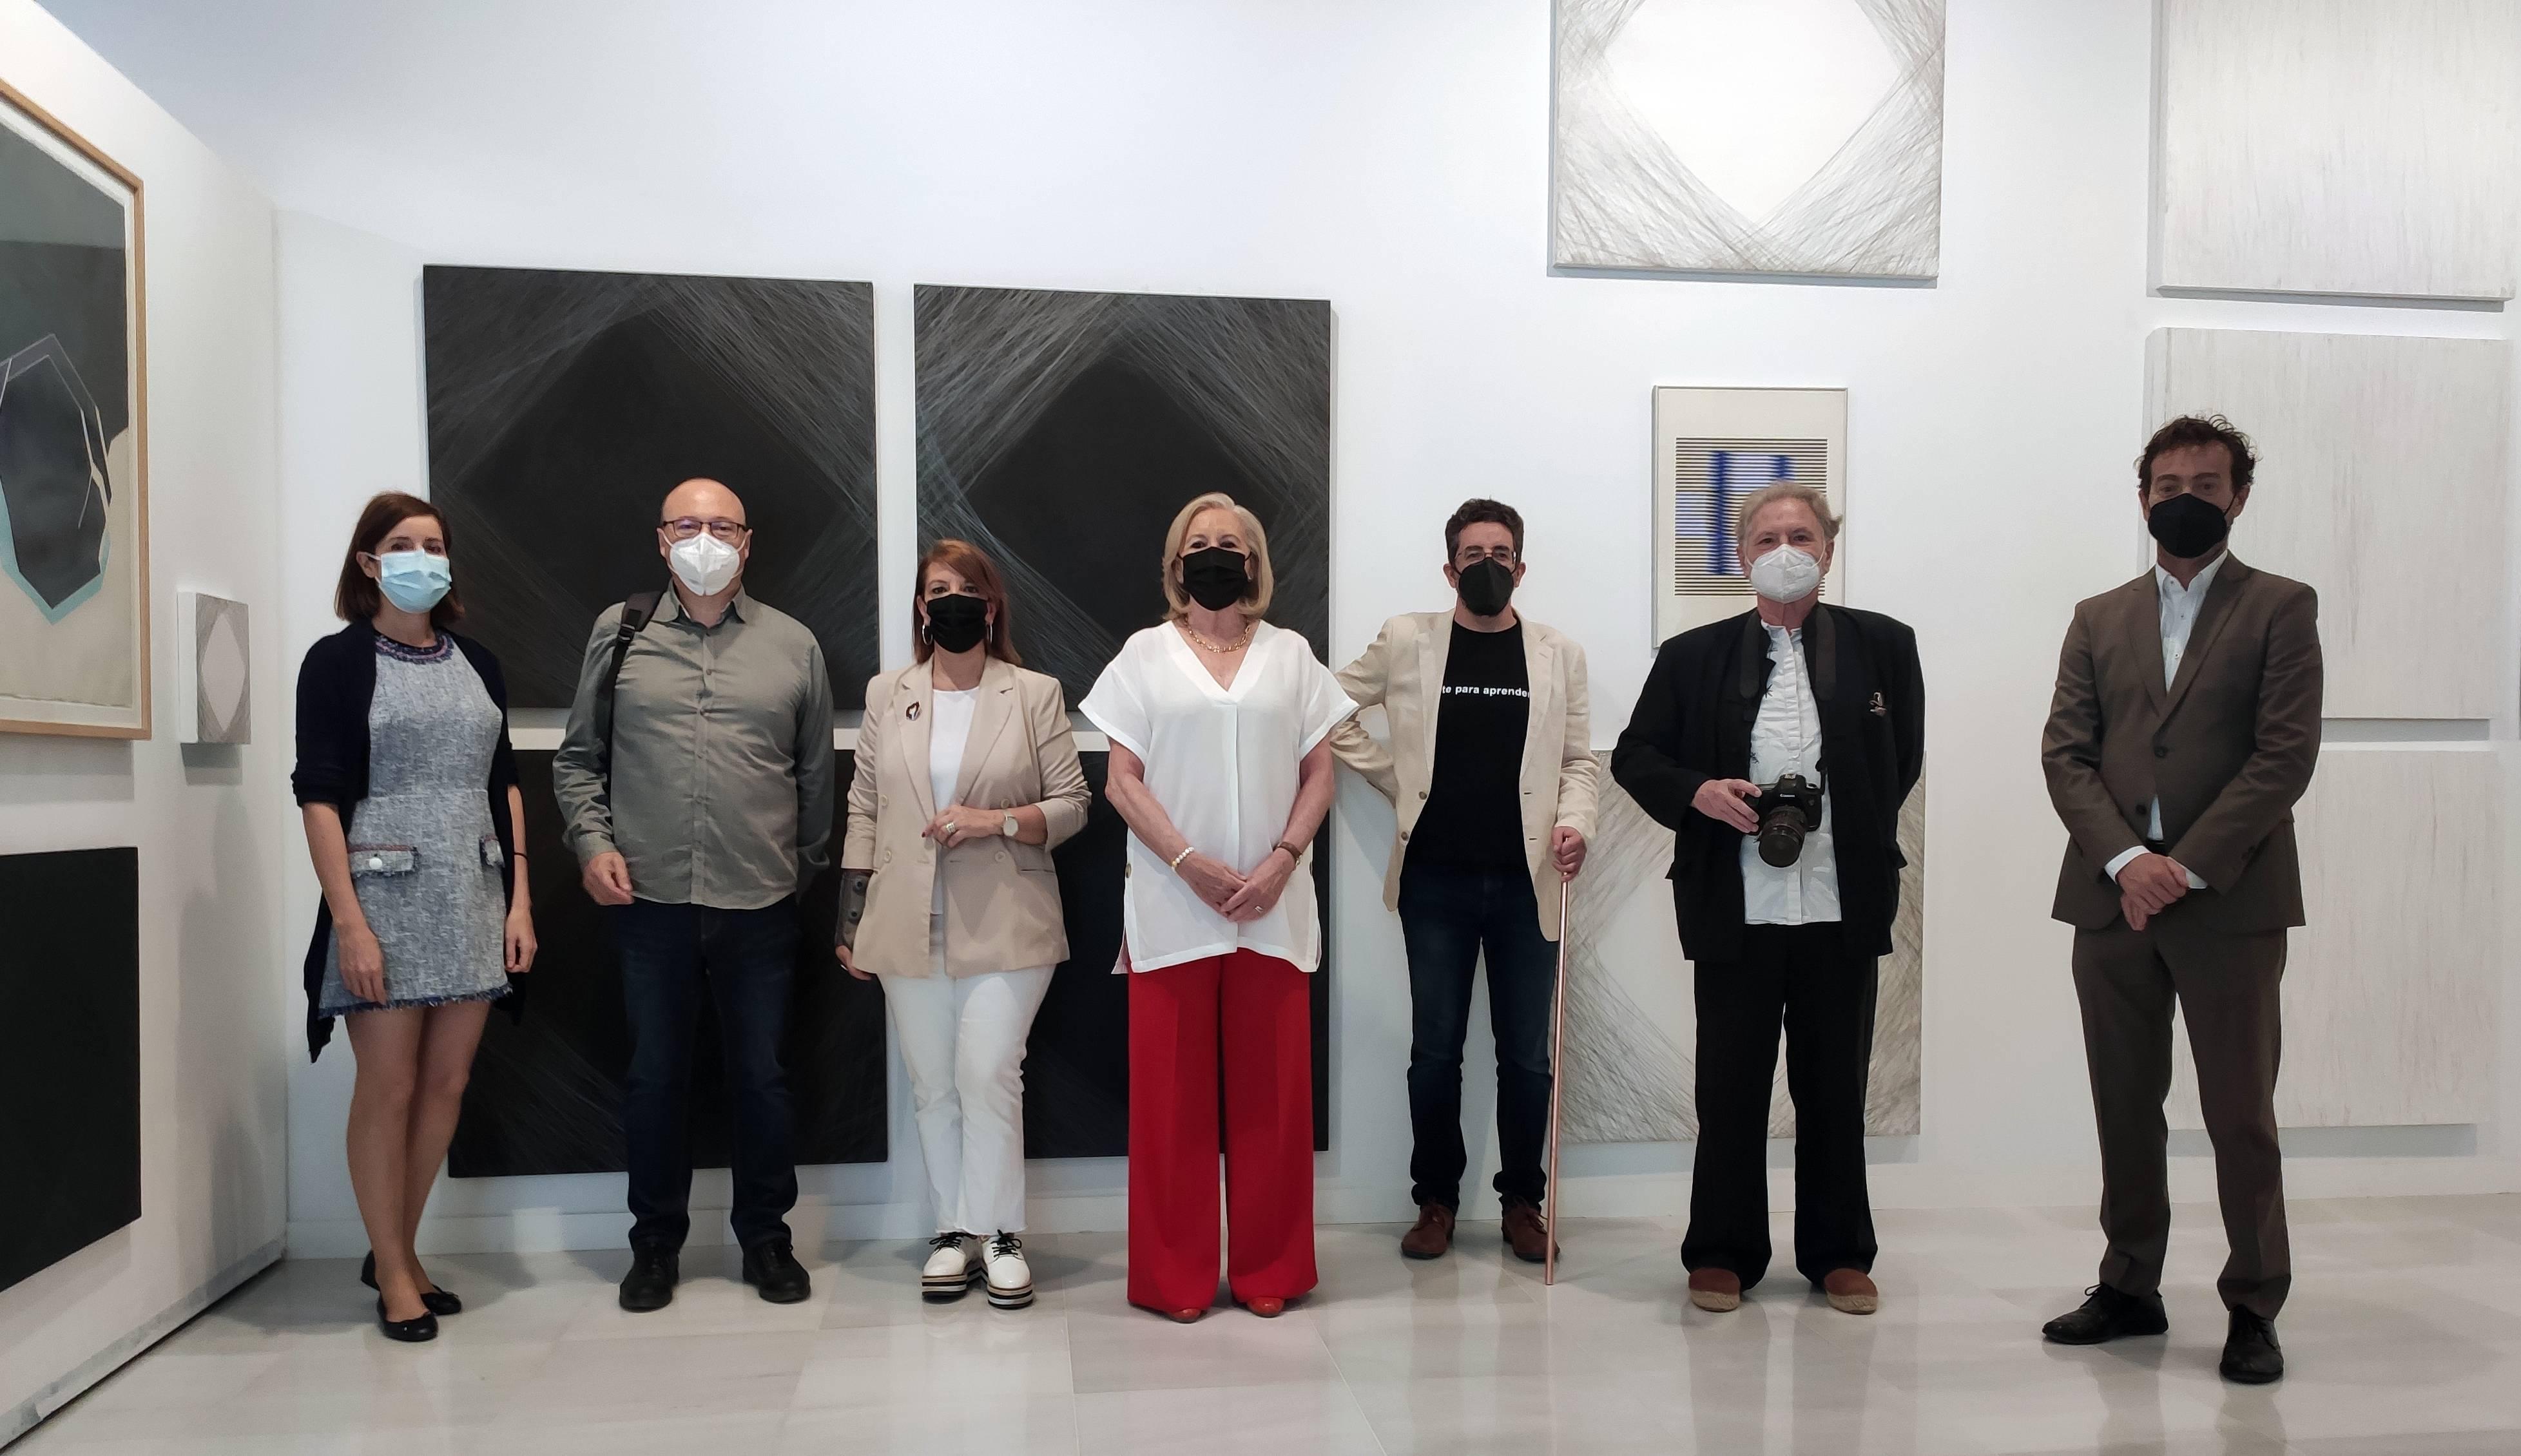 'Arte para aprender', la exposición en la que el arte contemporáneo dialoga con los alumnos